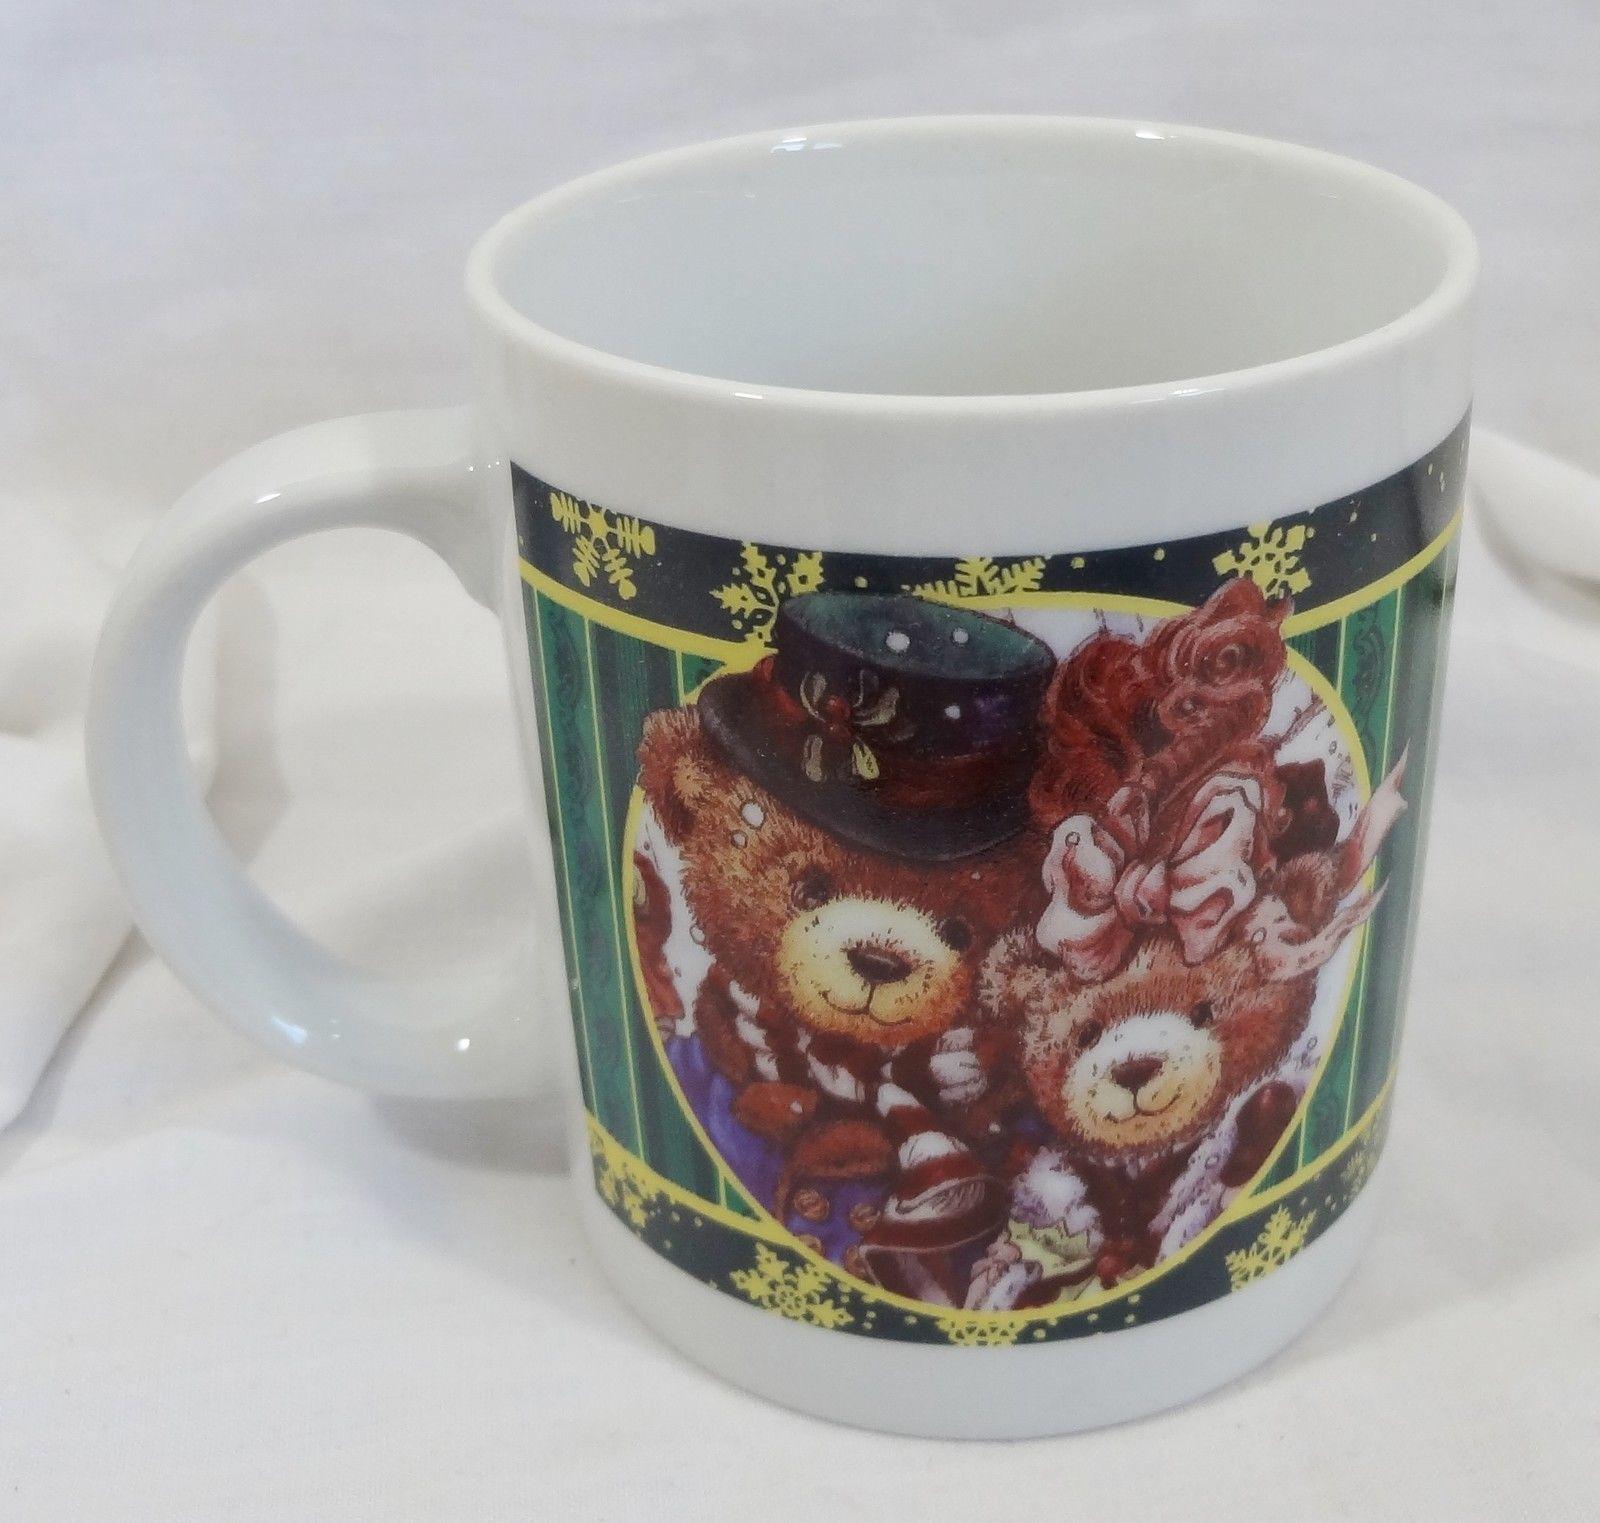 Christmas Holiday Victorian Teddy Bears 10 oz Coffee Mug Cup